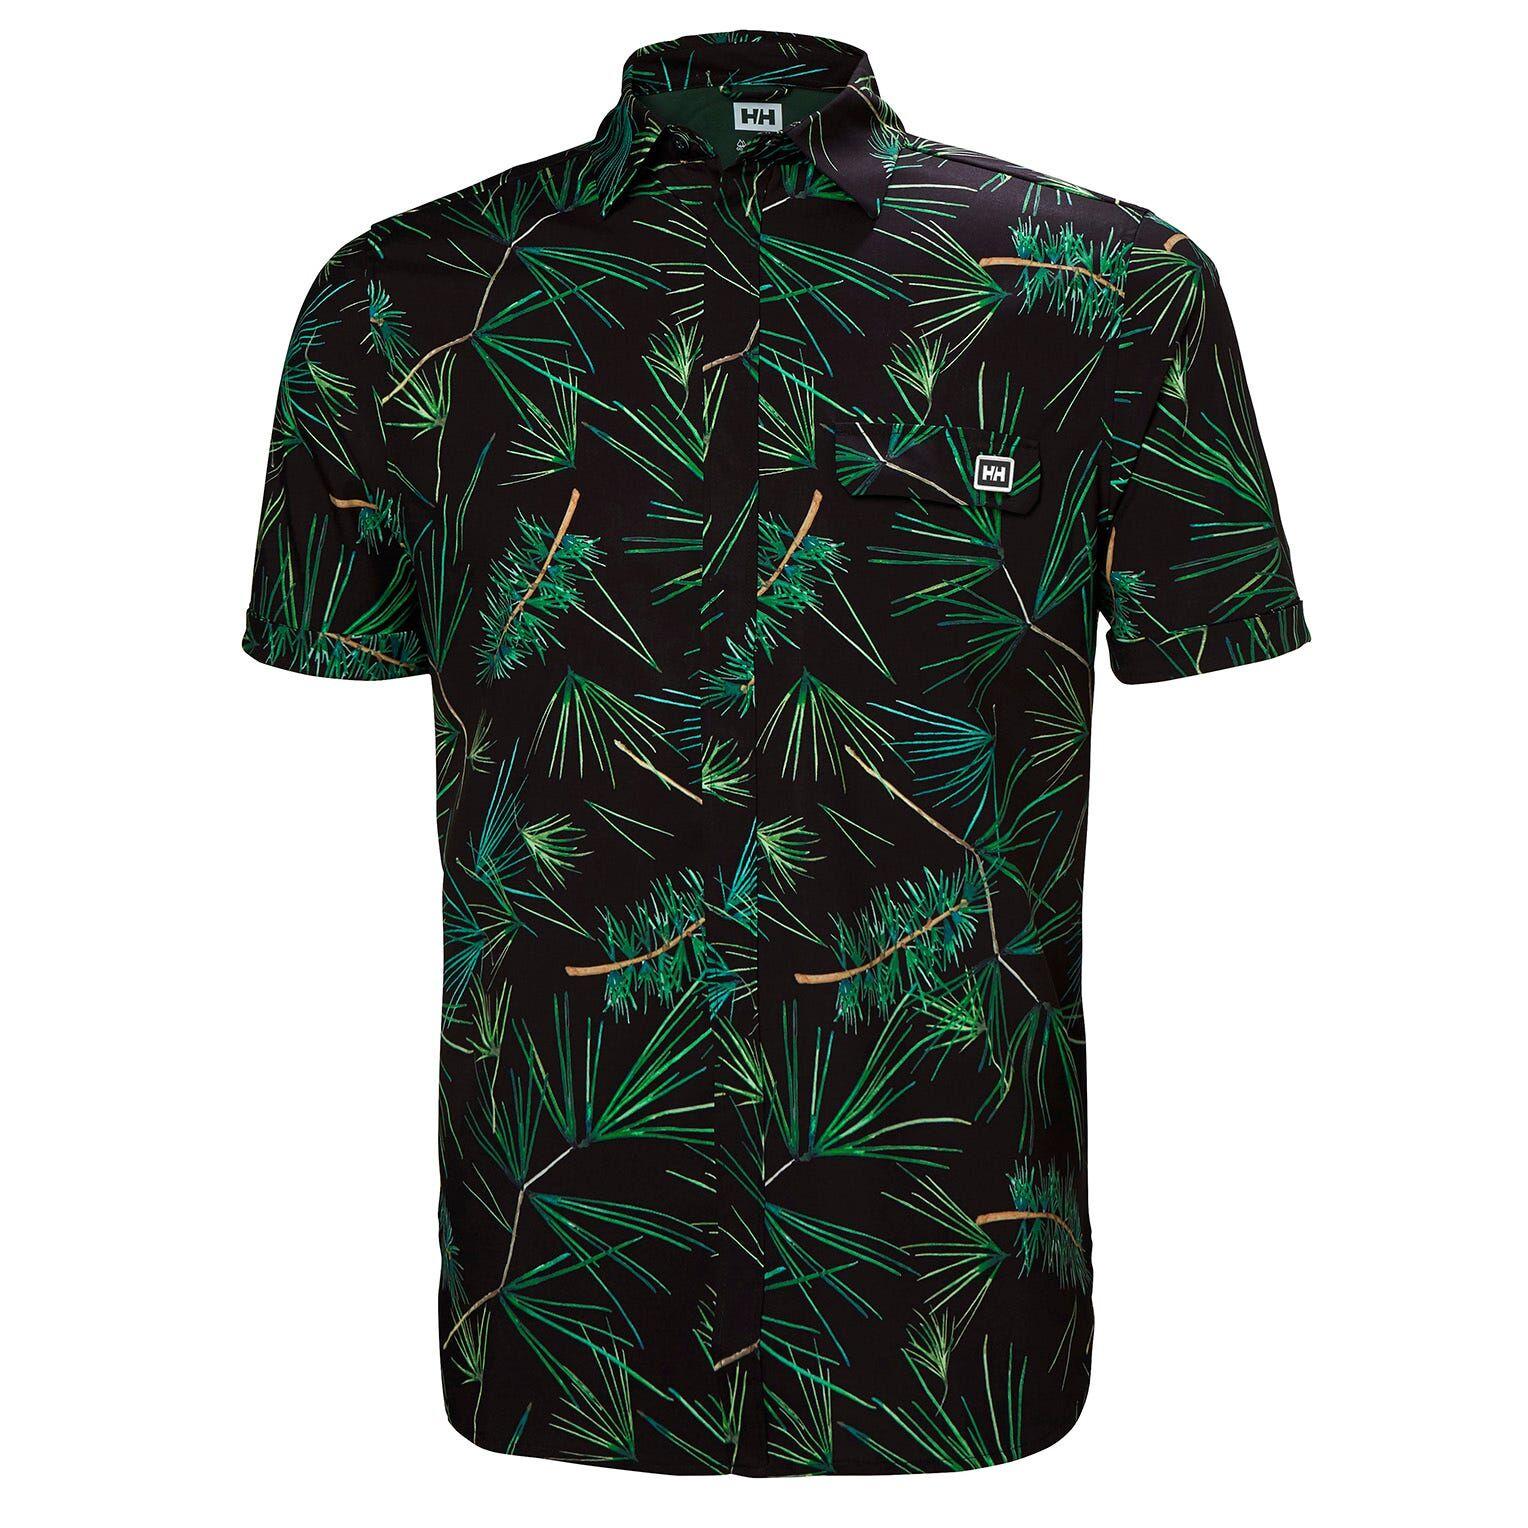 Helly Hansen Oya Shirt Mens Midlayer Black S